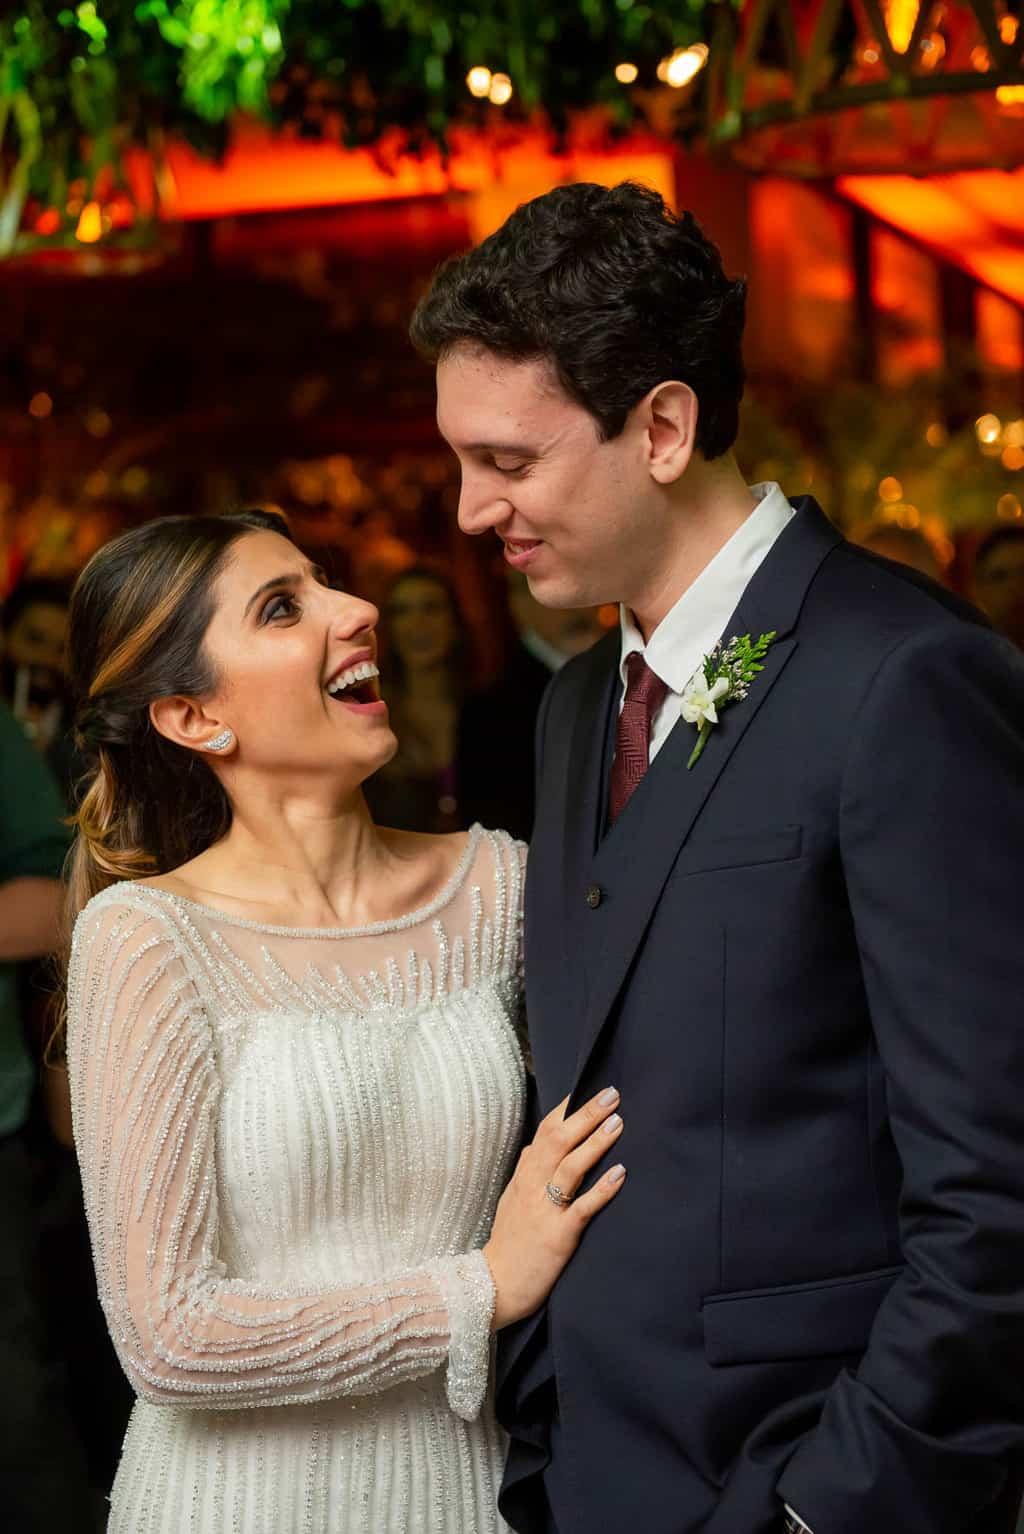 casamento-luiza-e-gustavo-cerimonial-casamento-de-ideias-foto-do-casal-fotografia-lenine-serejo57